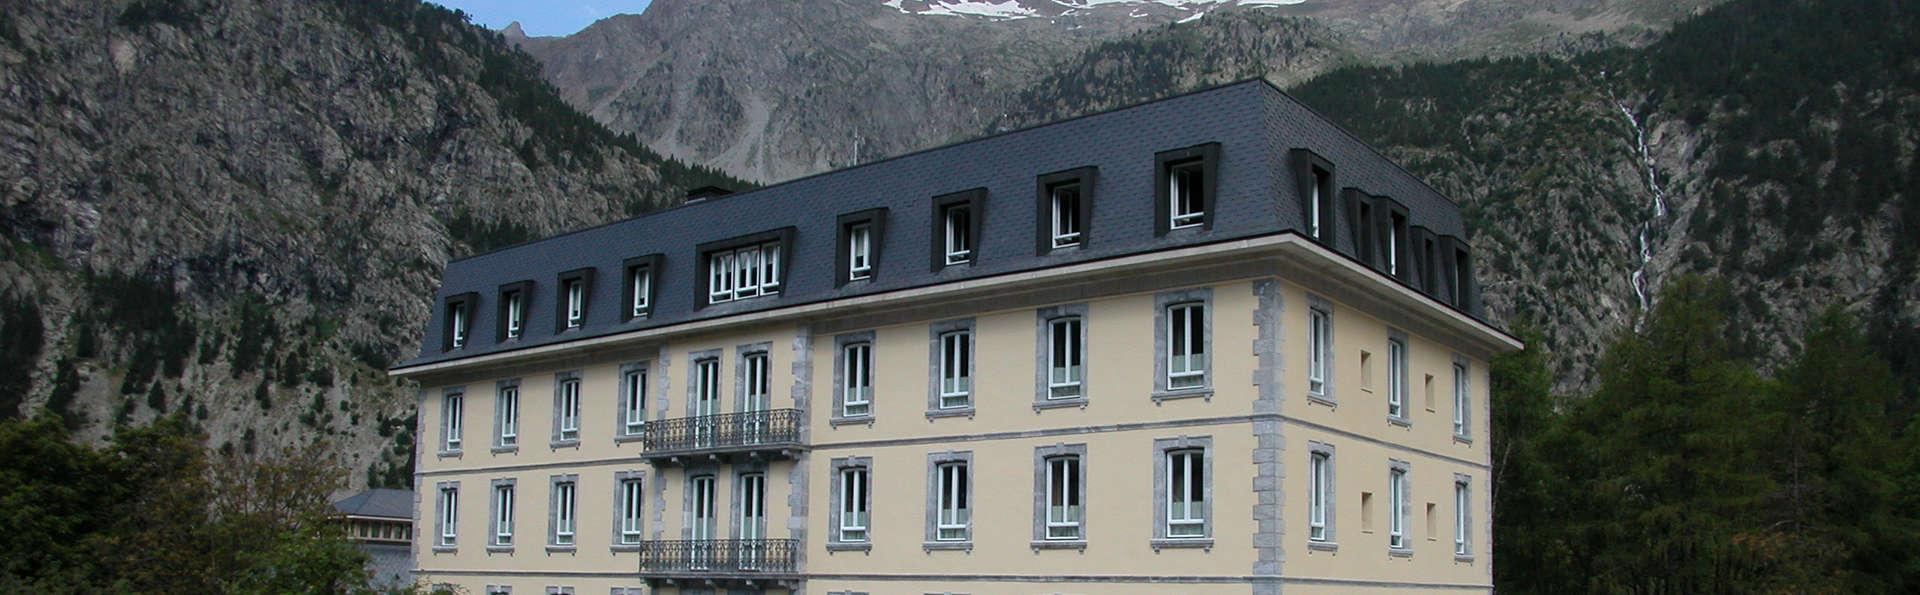 Resultado de imagen de gran hotel baños de panticosa